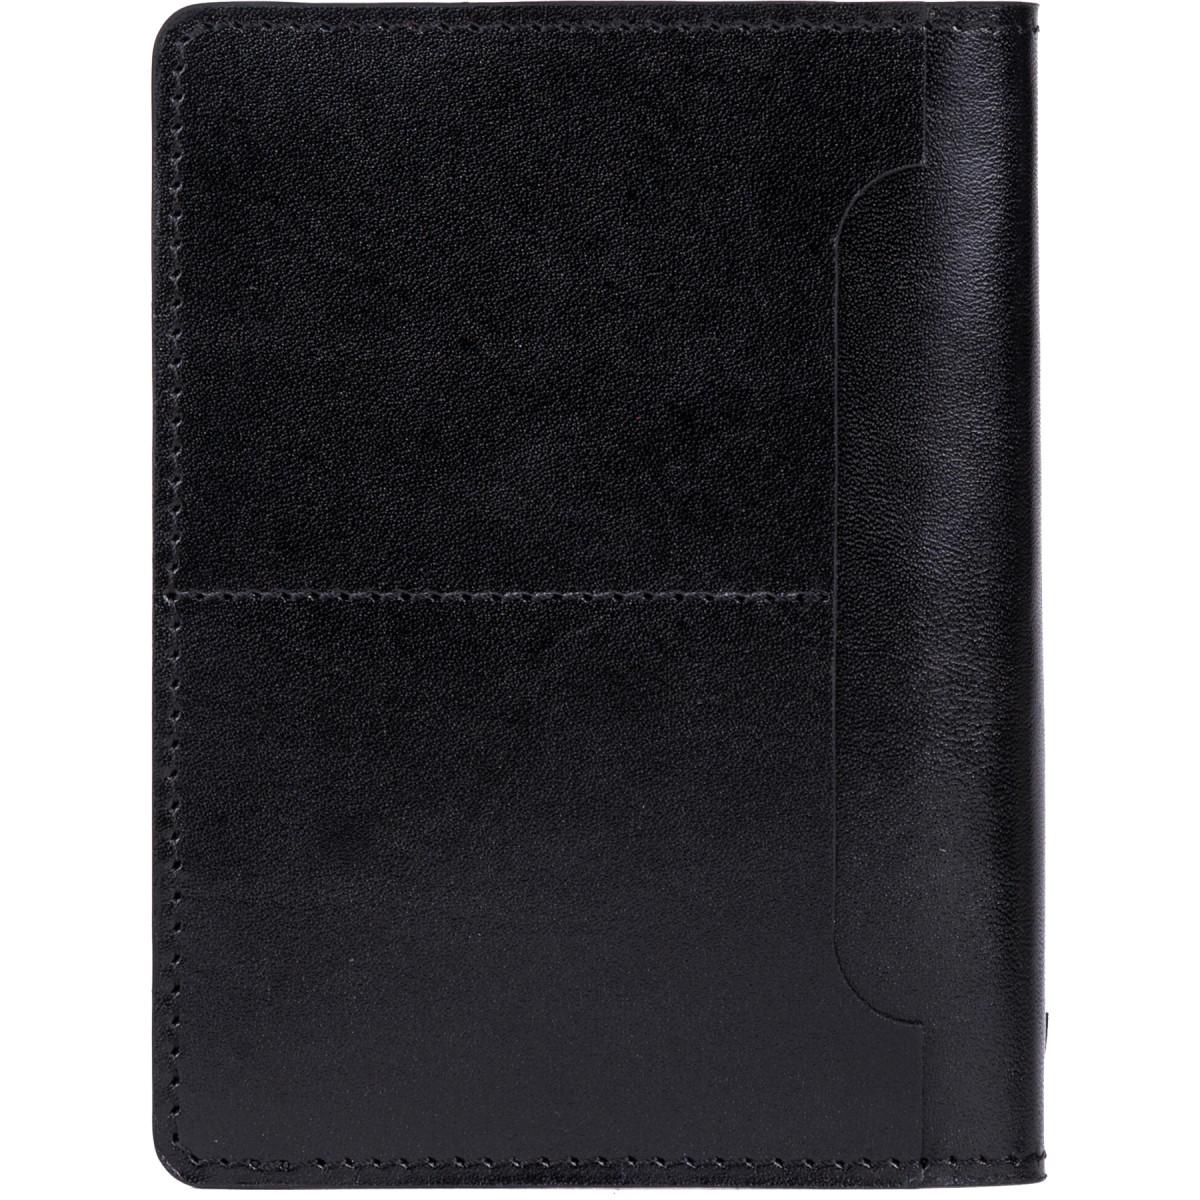 Обложка для паспорта Versado 044.1